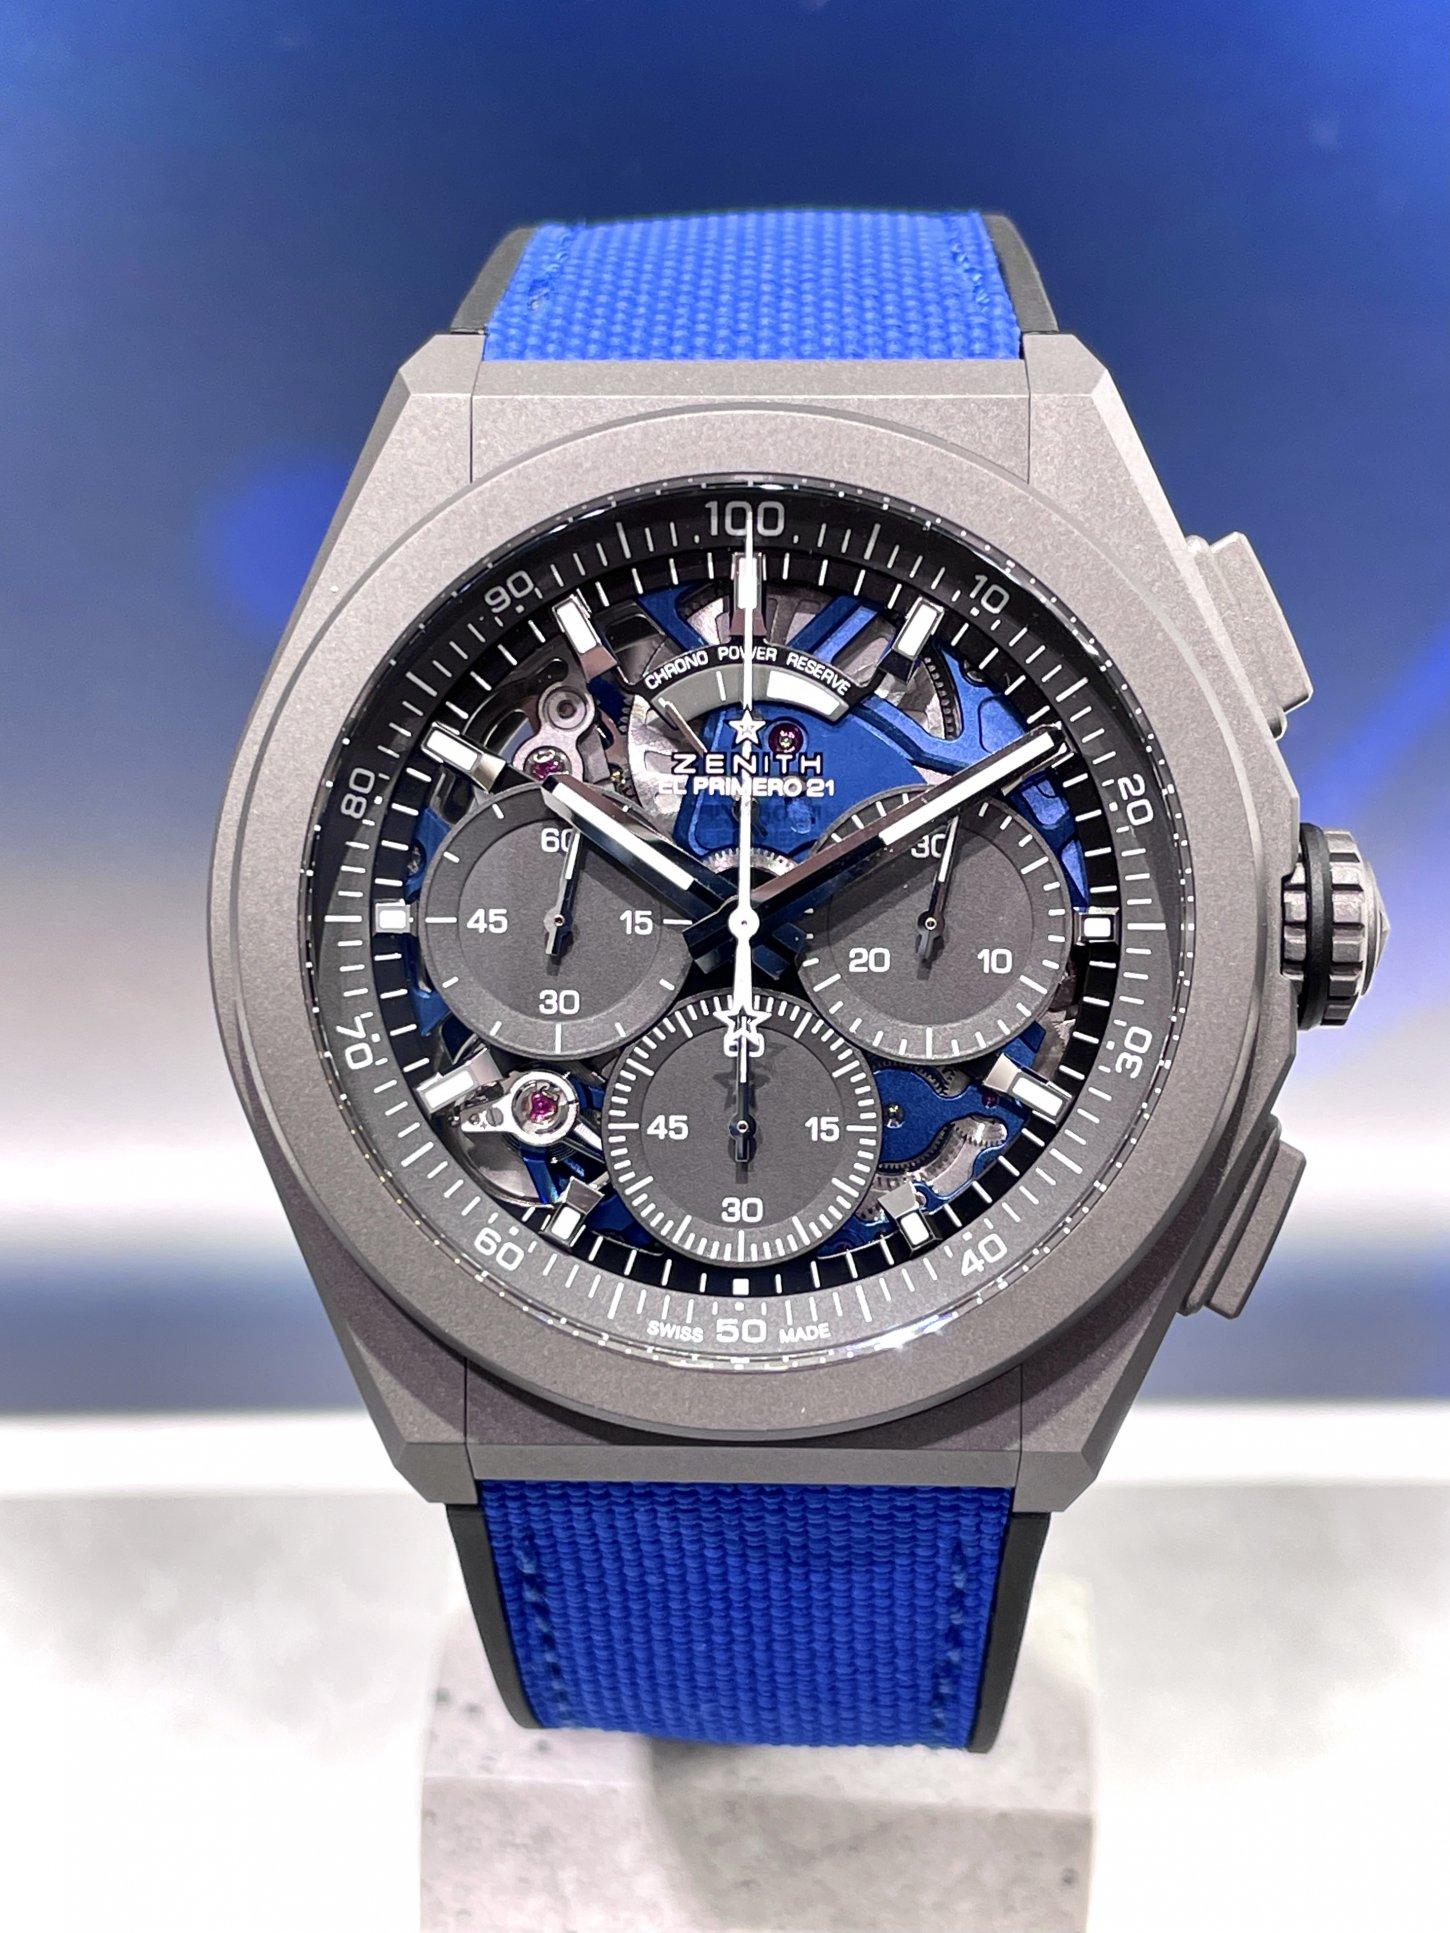 インパクトのあるブルーで腕元にアクセントを!『デファイ エル・プリメロ21 ウルトラブルー』 - DEFY |8C6D6EA0-DECC-475D-8C28-3A01935ADE9B-002